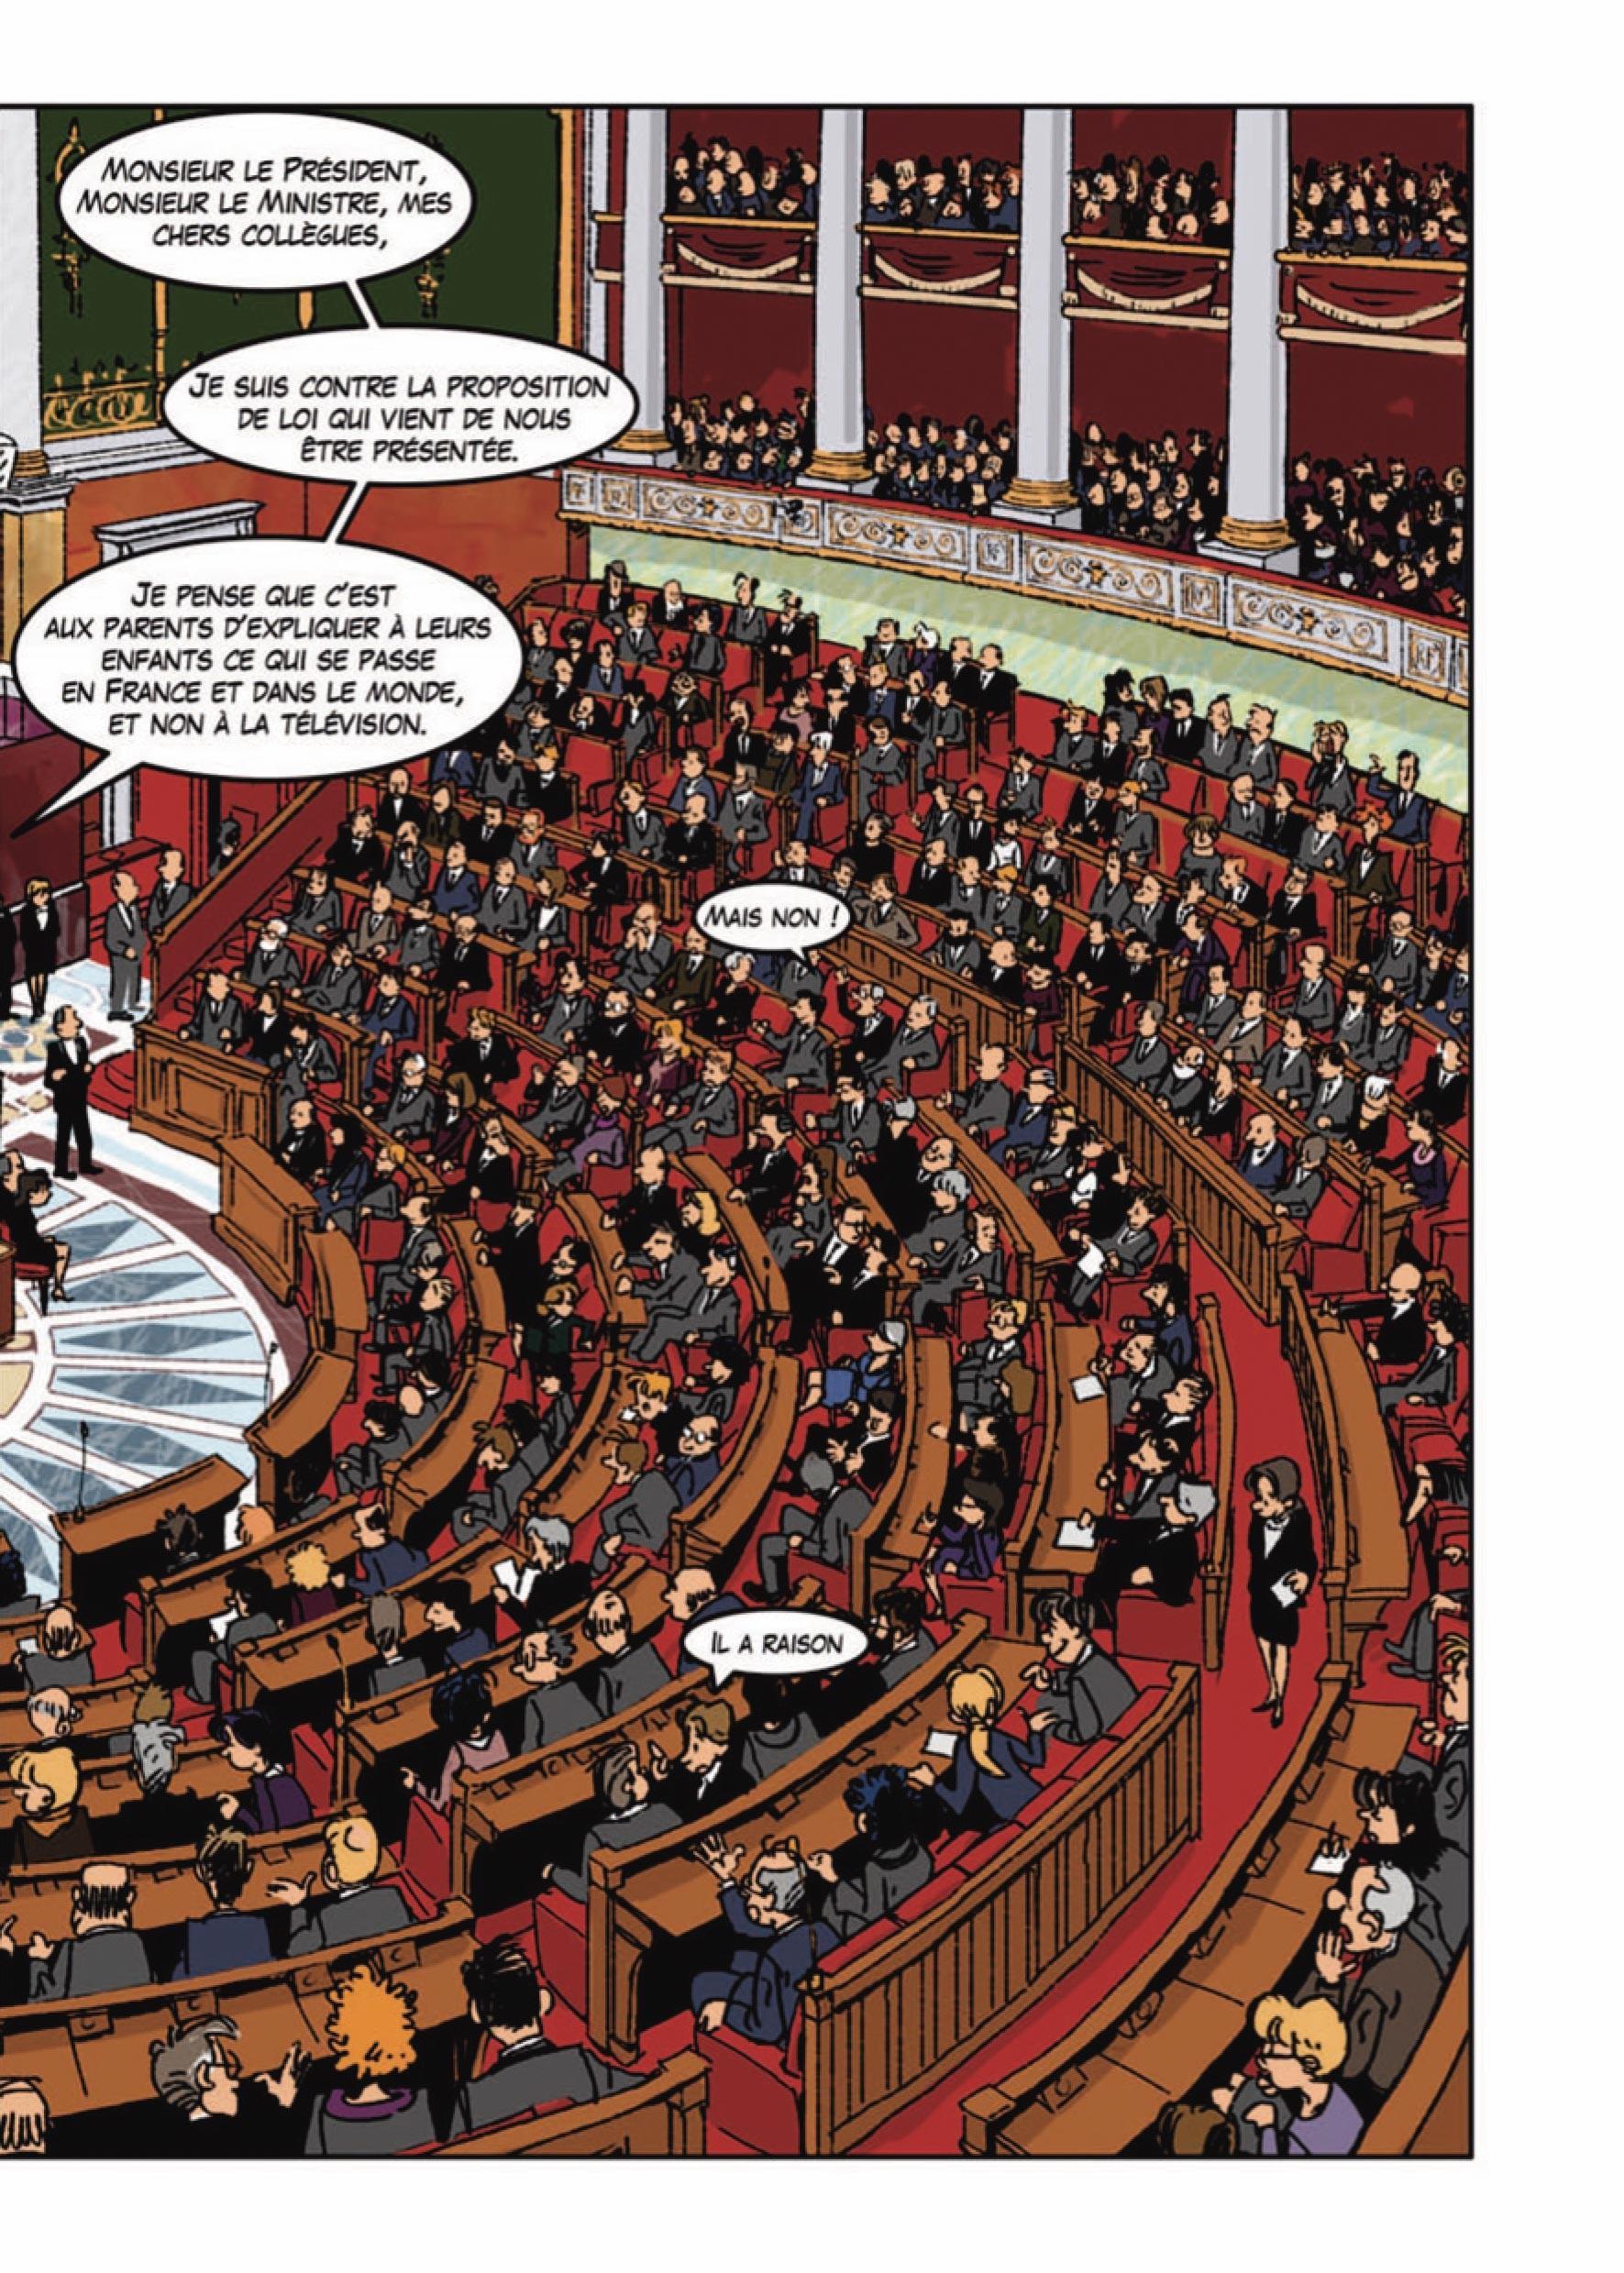 Le projet de la proposition de loi : 2